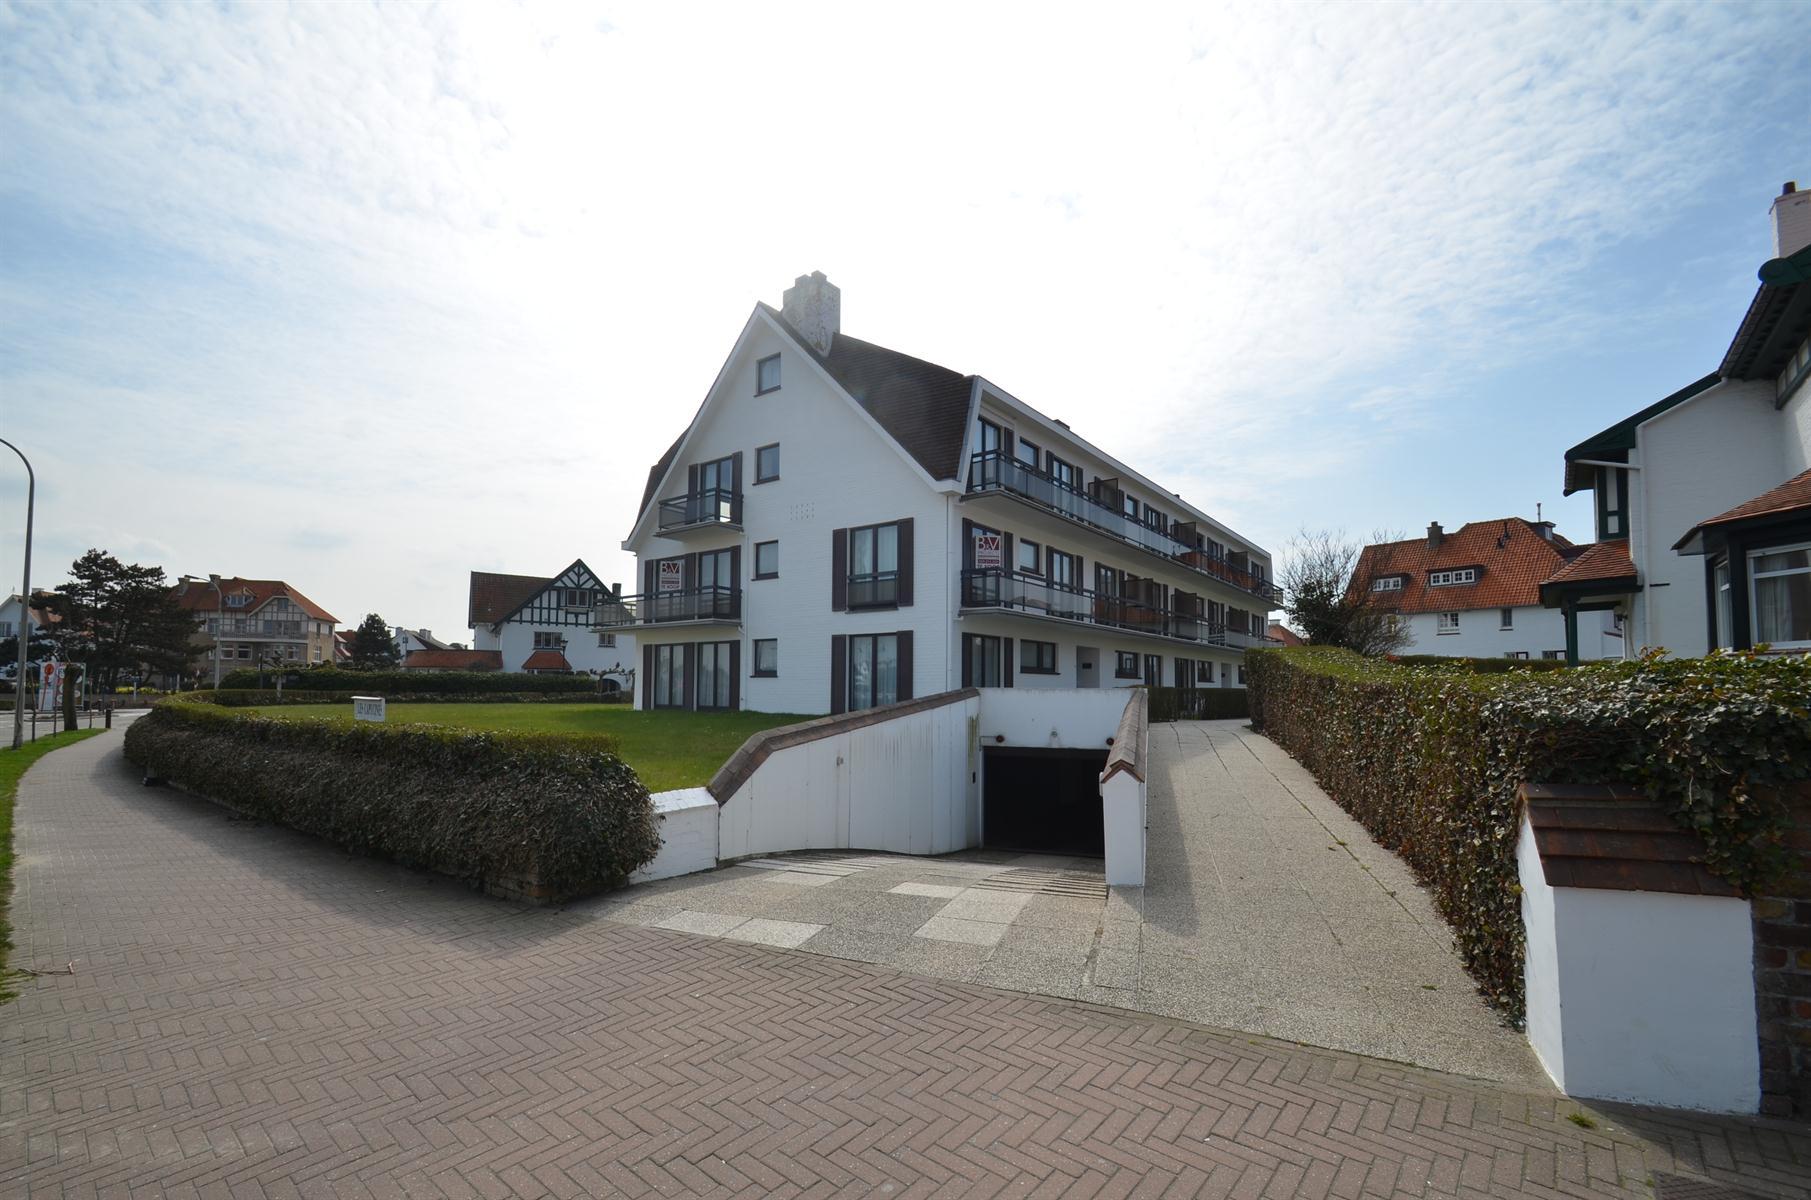 Binnenstaanplaats, Sparrendreef, 8300 Knokke-Heist